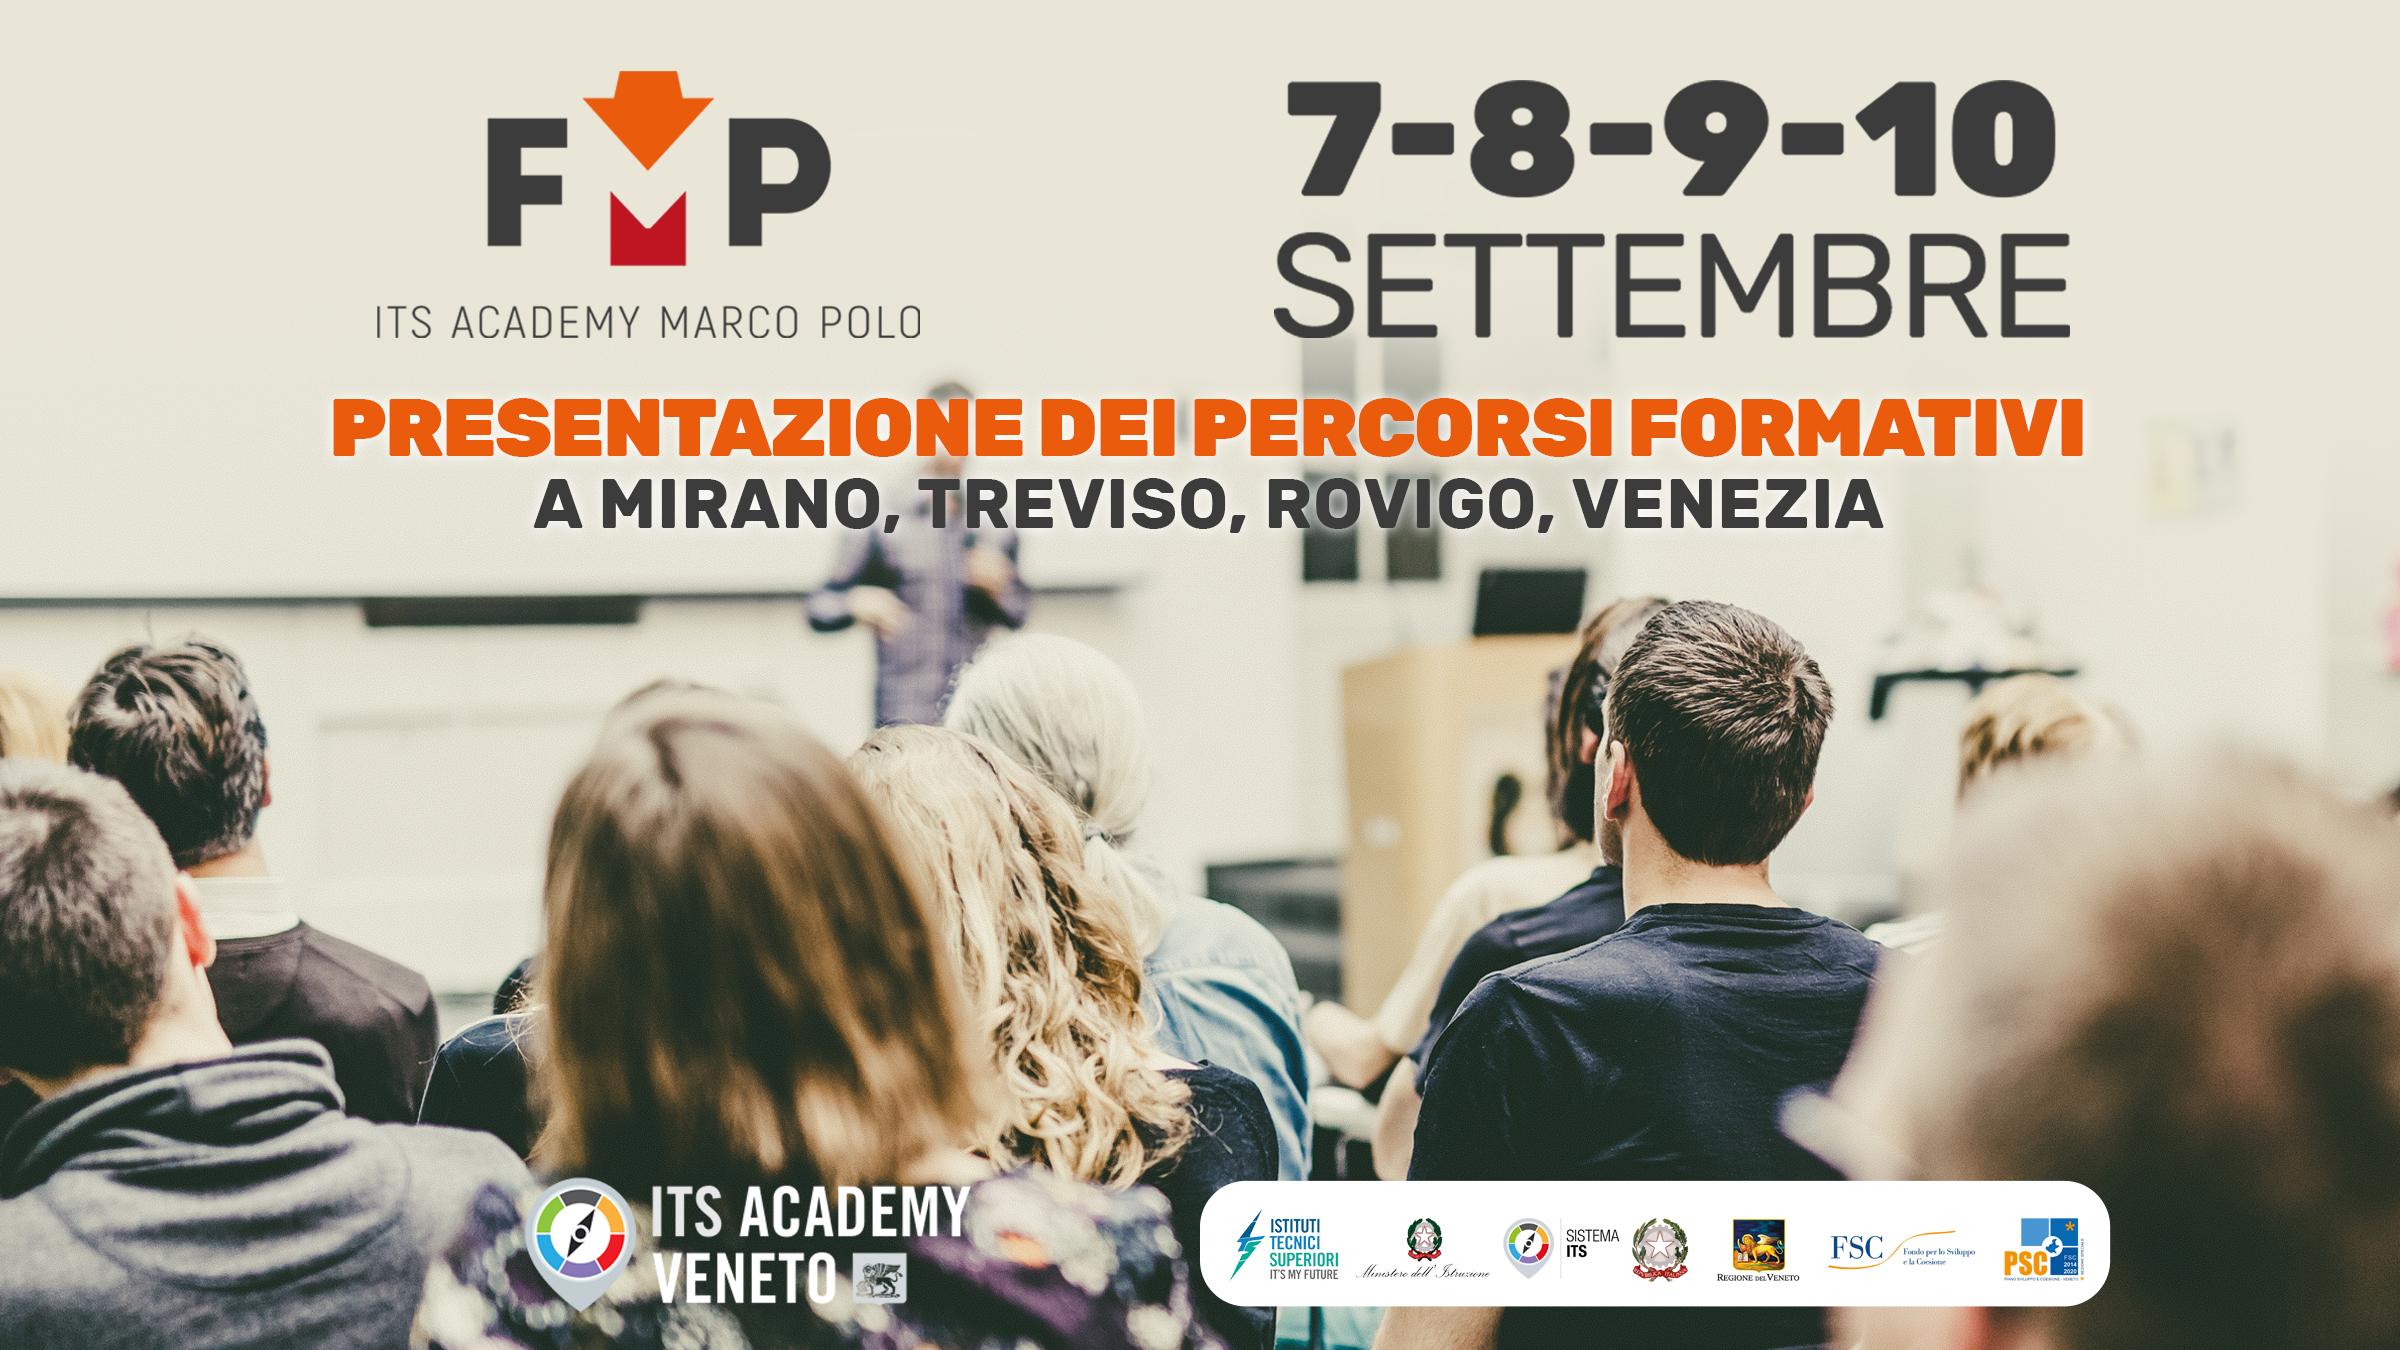 Presentazione percorsi formativi ITS Marco Polo Academy settembre 2021